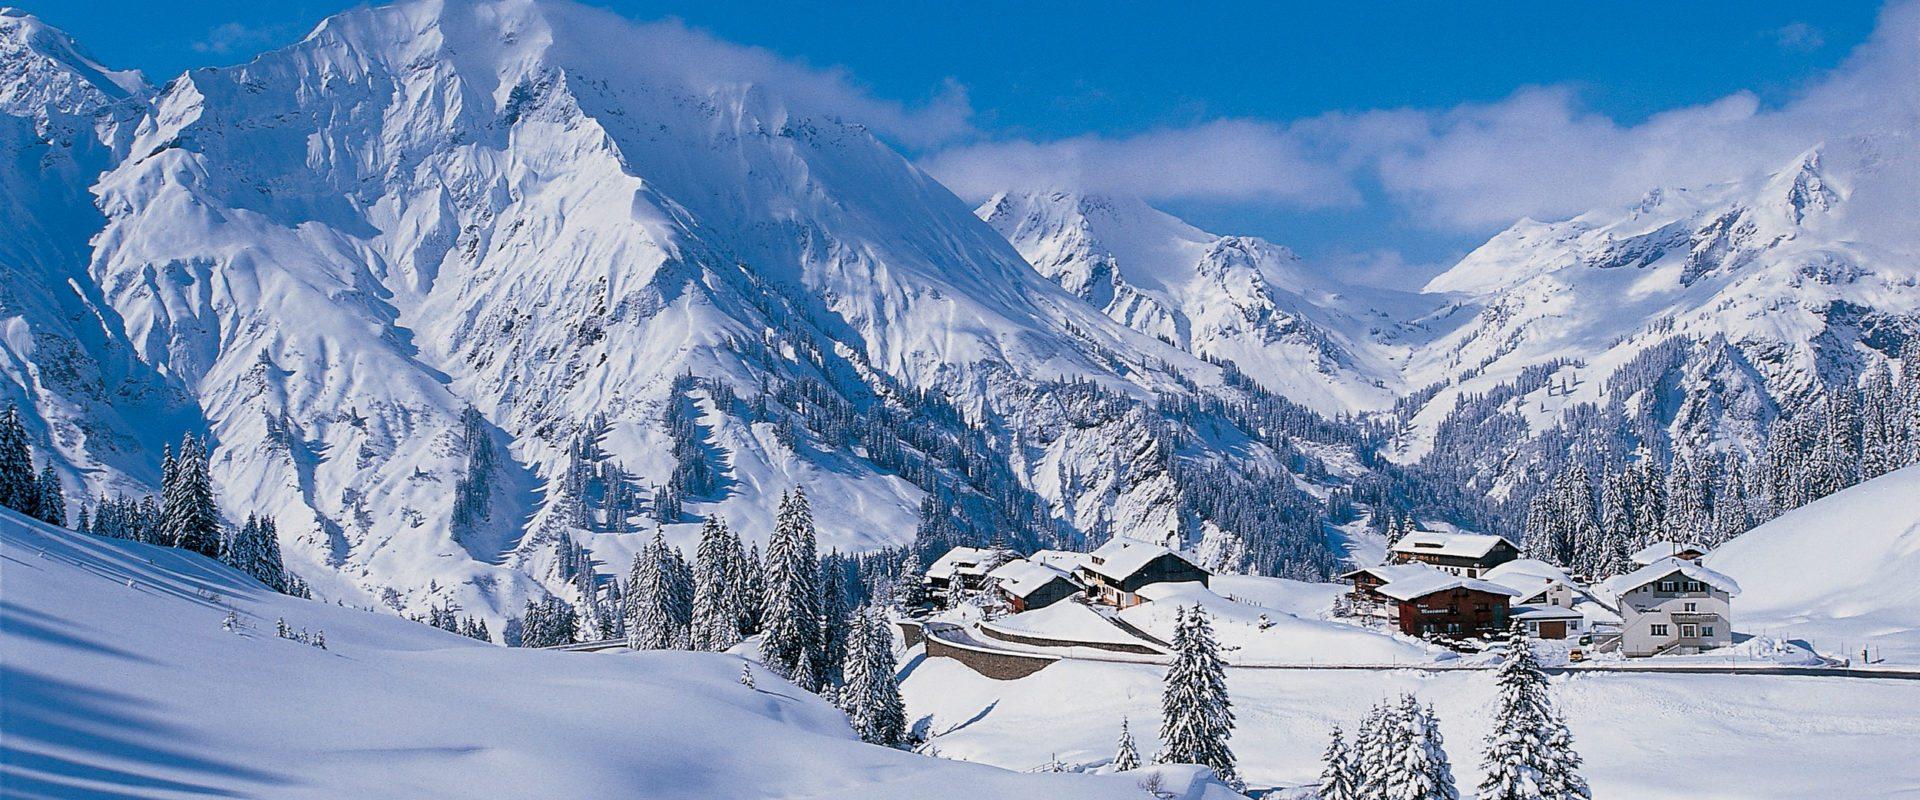 Winterlandschaft © Peter Mathis / Bregenzerwald Tourismus